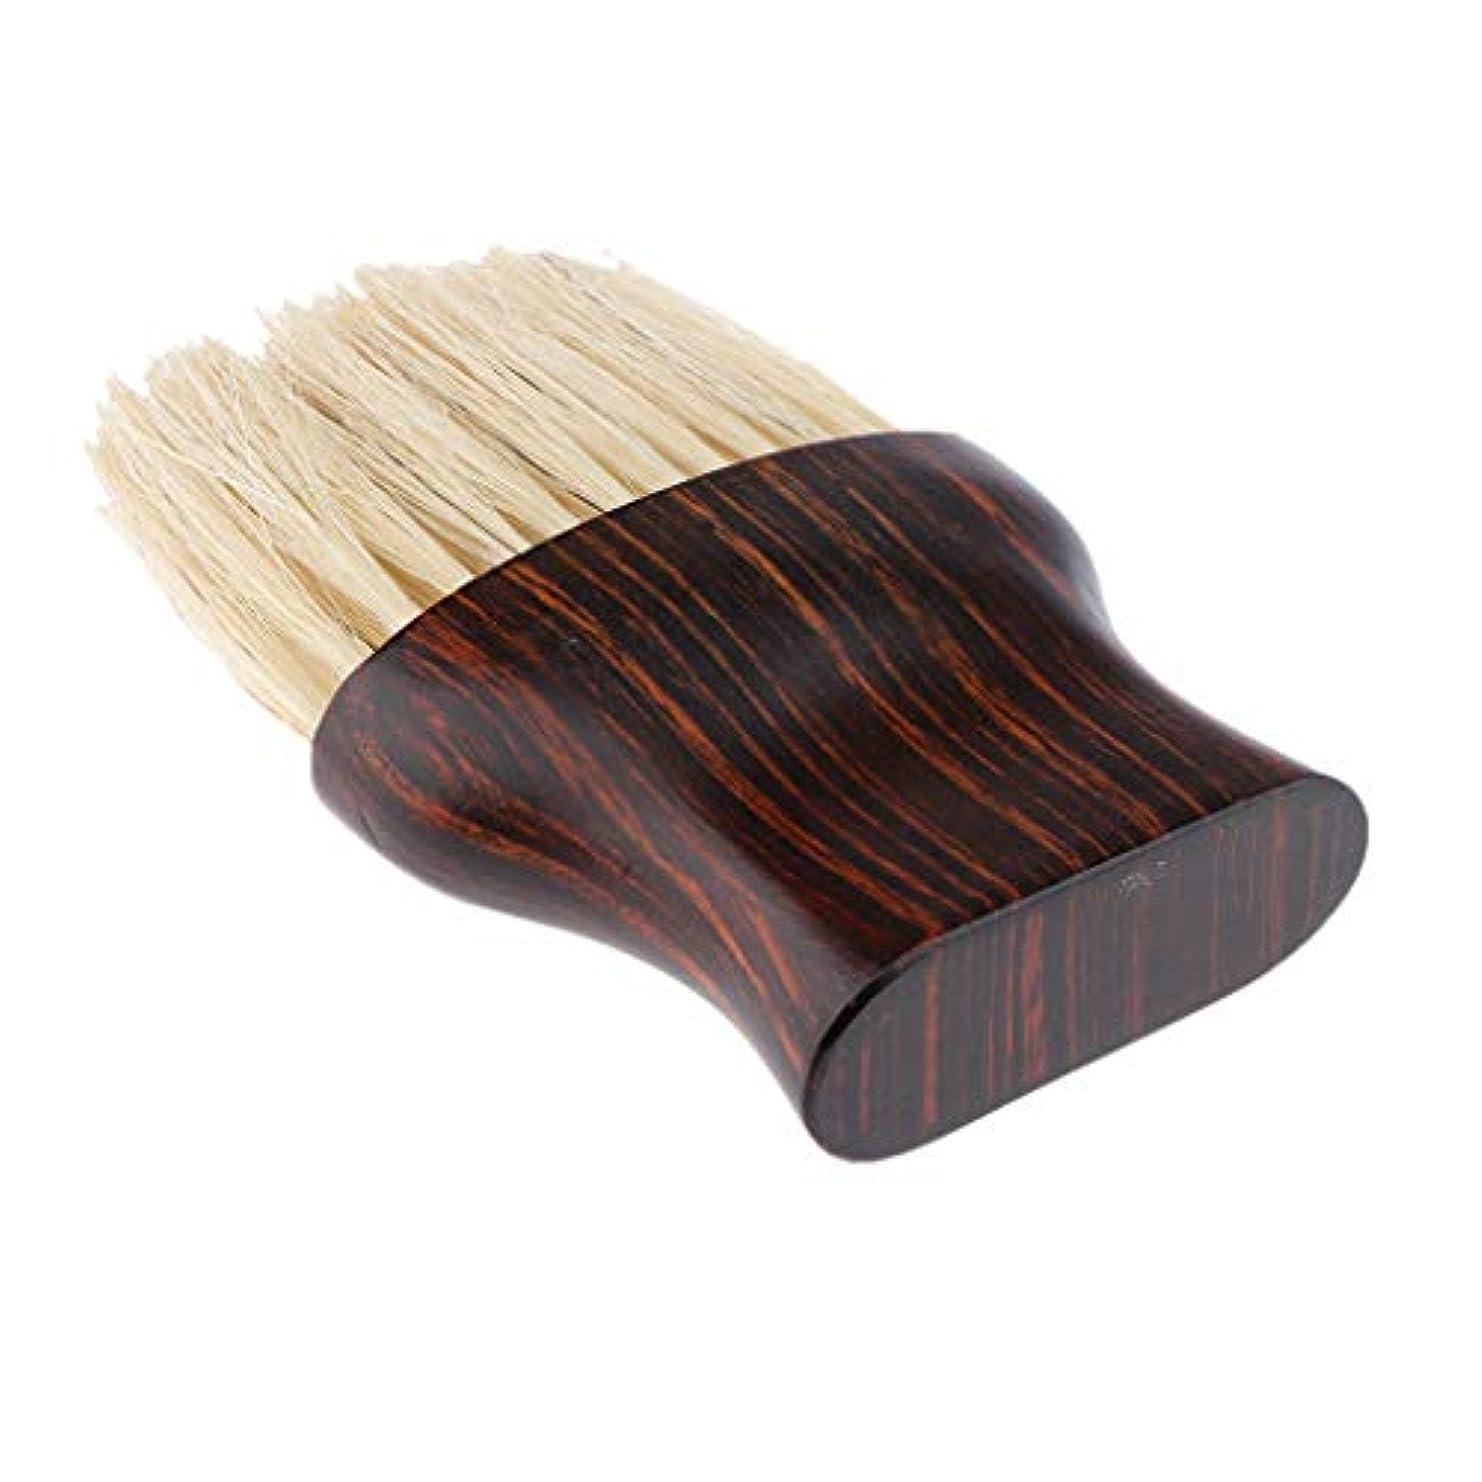 下位シングル八SM SunniMix 毛払いブラシ ヘアブラシ 繊維毛 散髪 髪切り 散髪用ツール 床屋 理髪店 美容院 ソフトブラシ